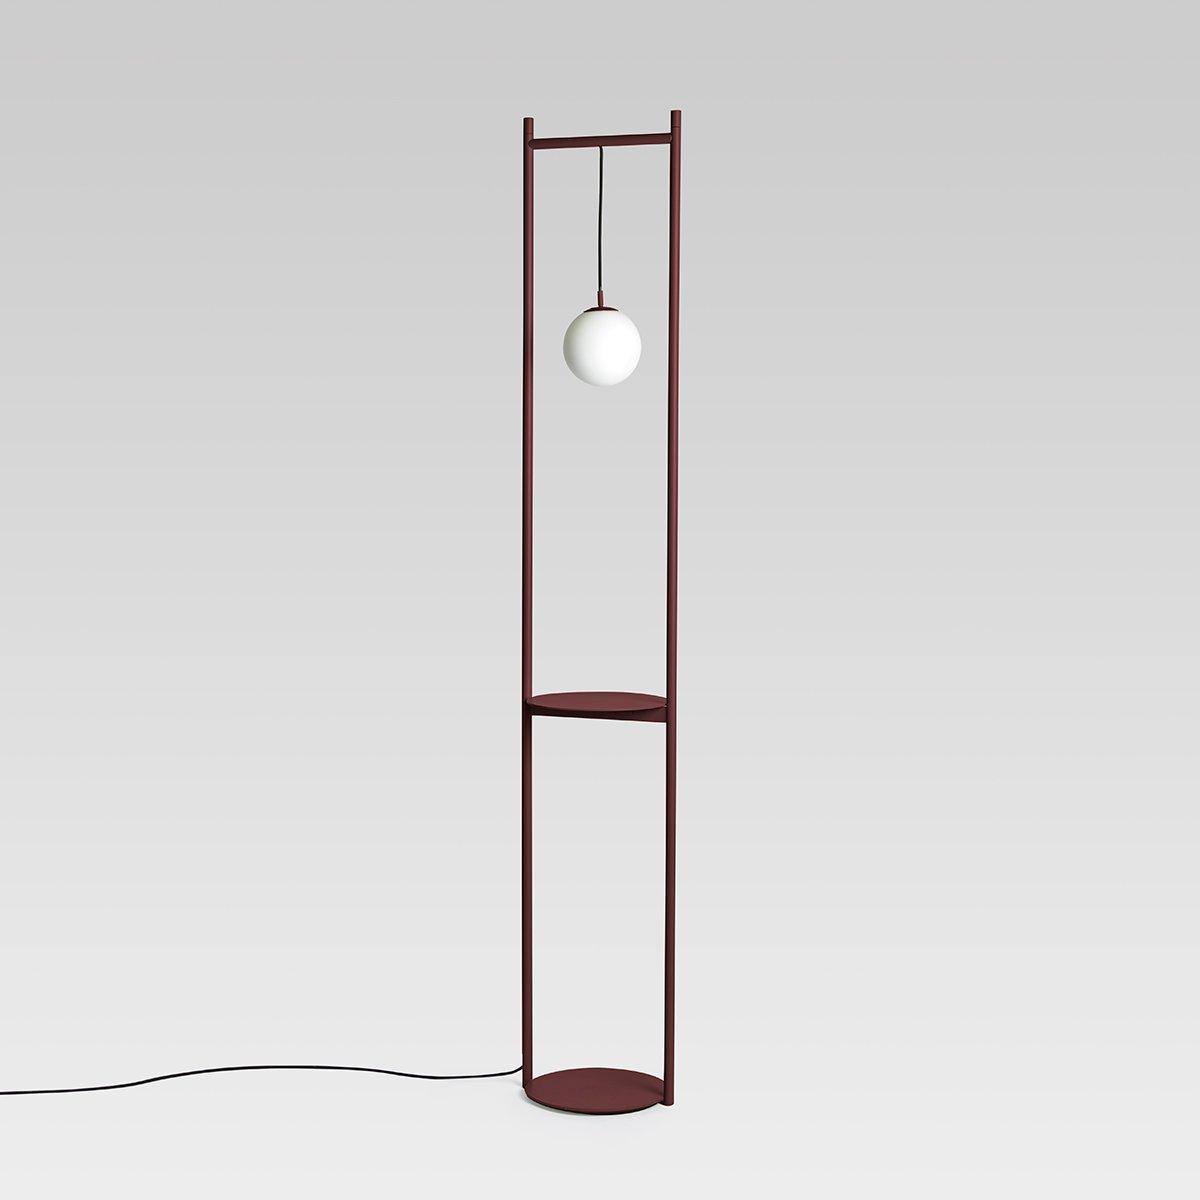 Heis Stehlampe in Bordeauxrot von Matteo Fiorin...